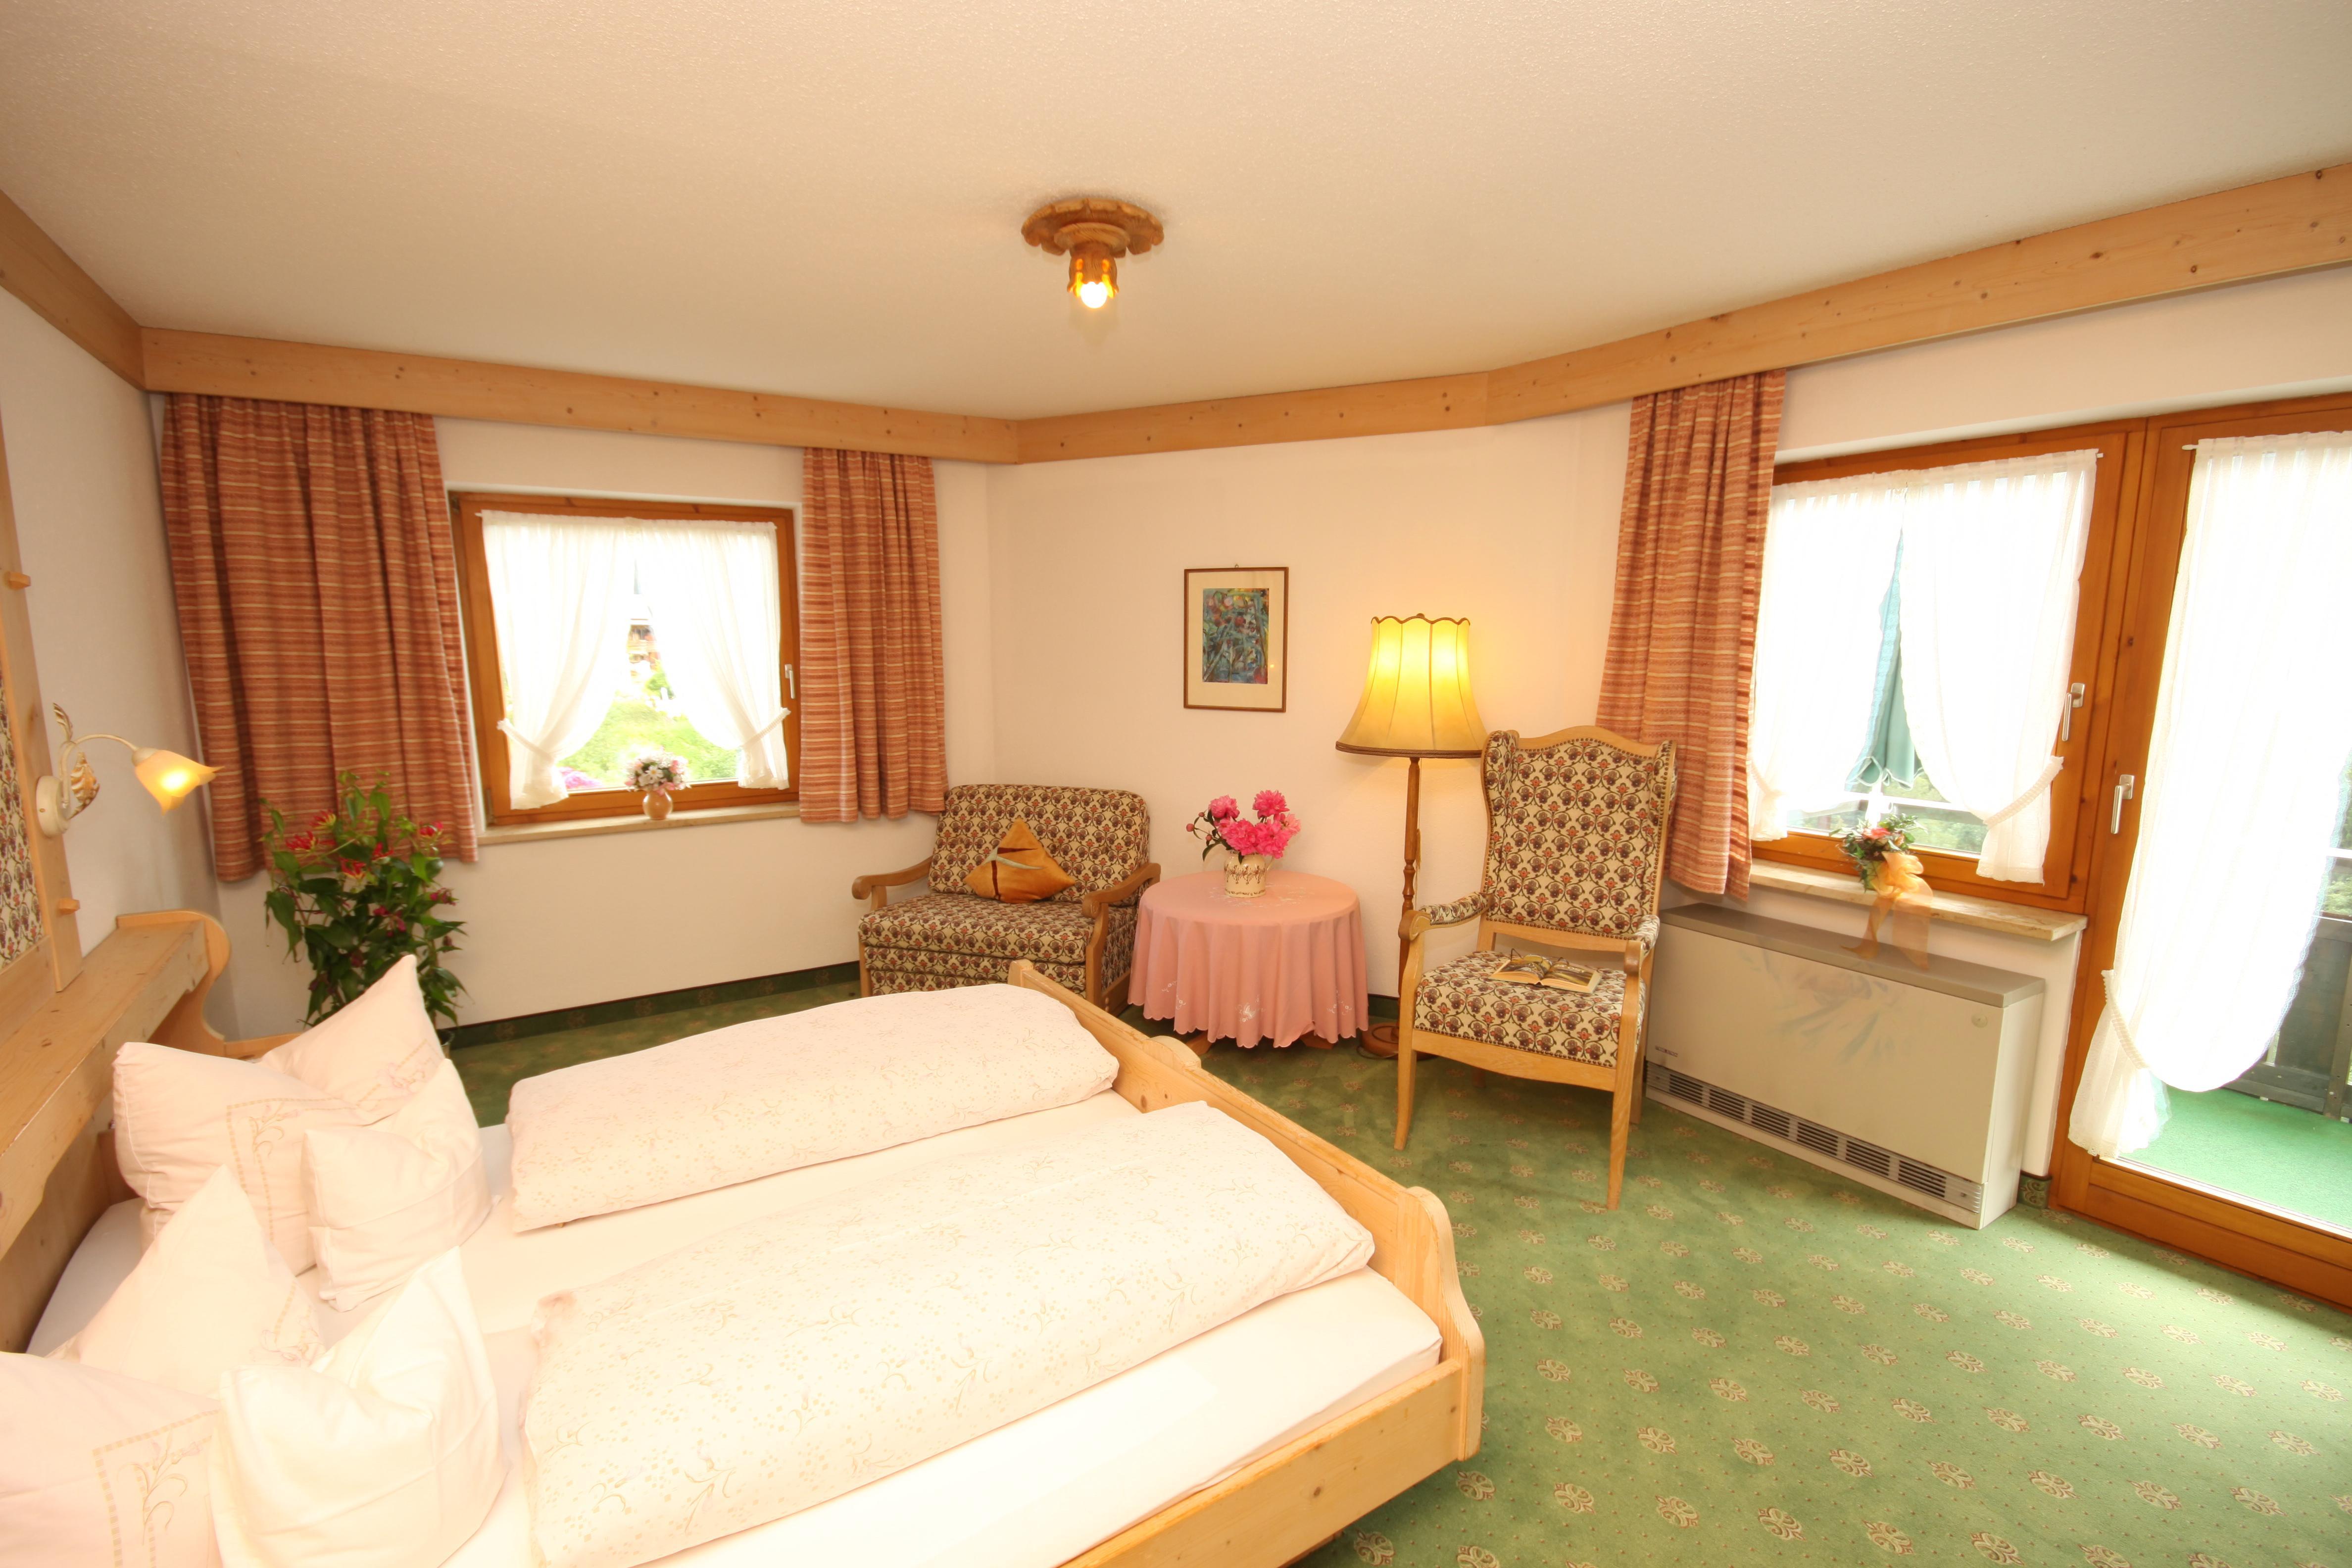 Ferienwohnung Haus Widdersteinblick Wohnung Mahdtal - 2 Schlafräume mit Dusche/WC (2186401), Riezlern (AT), Kleinwalsertal, Vorarlberg, Österreich, Bild 47